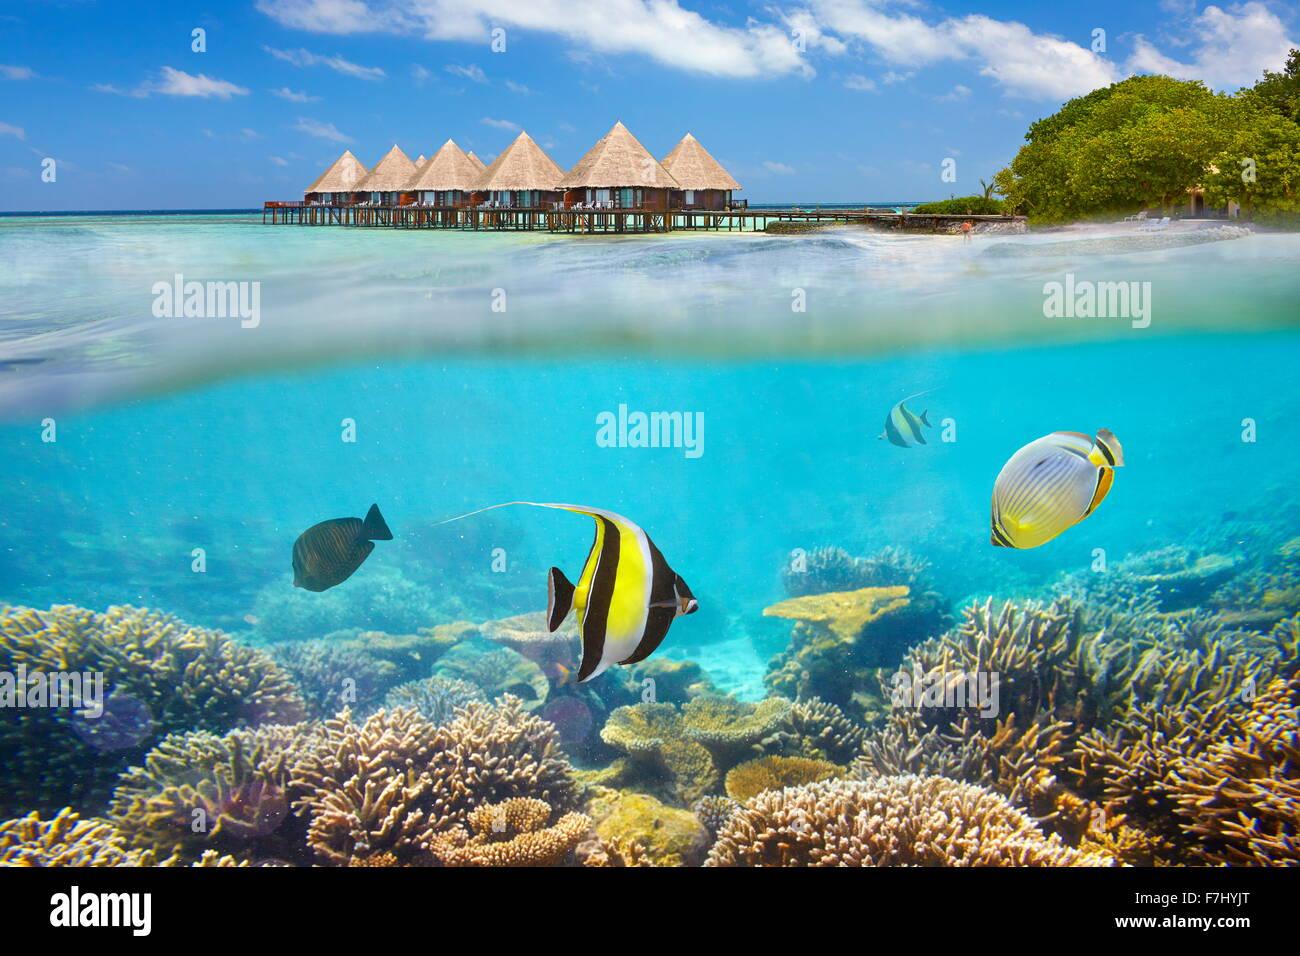 Maldives Island - vue sous-marine avec des poissons Photo Stock